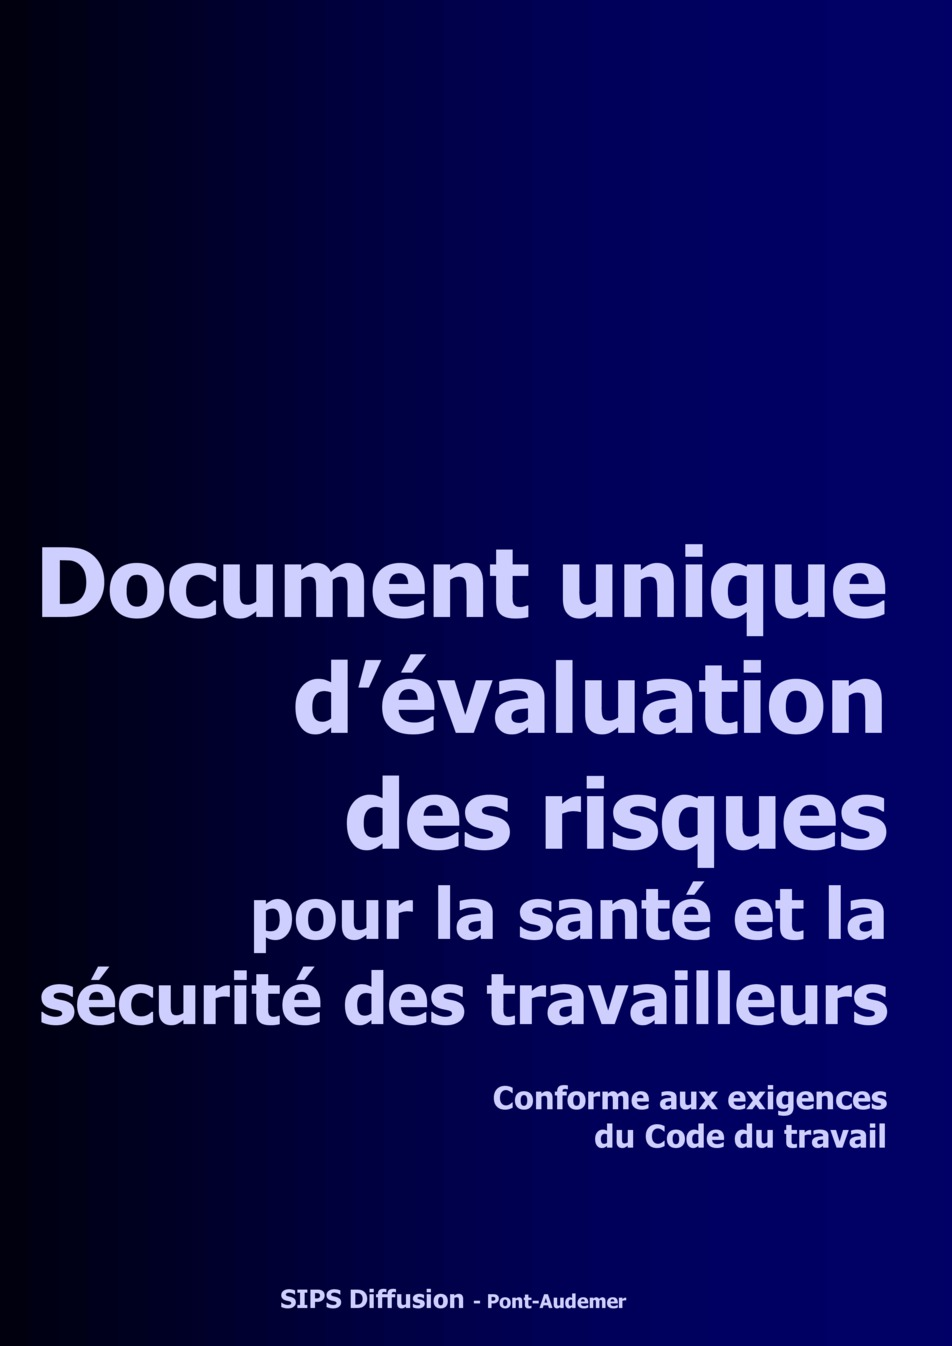 ... aux exigencesdu Code du travailSIPS Diffusion- Pont-Audemer